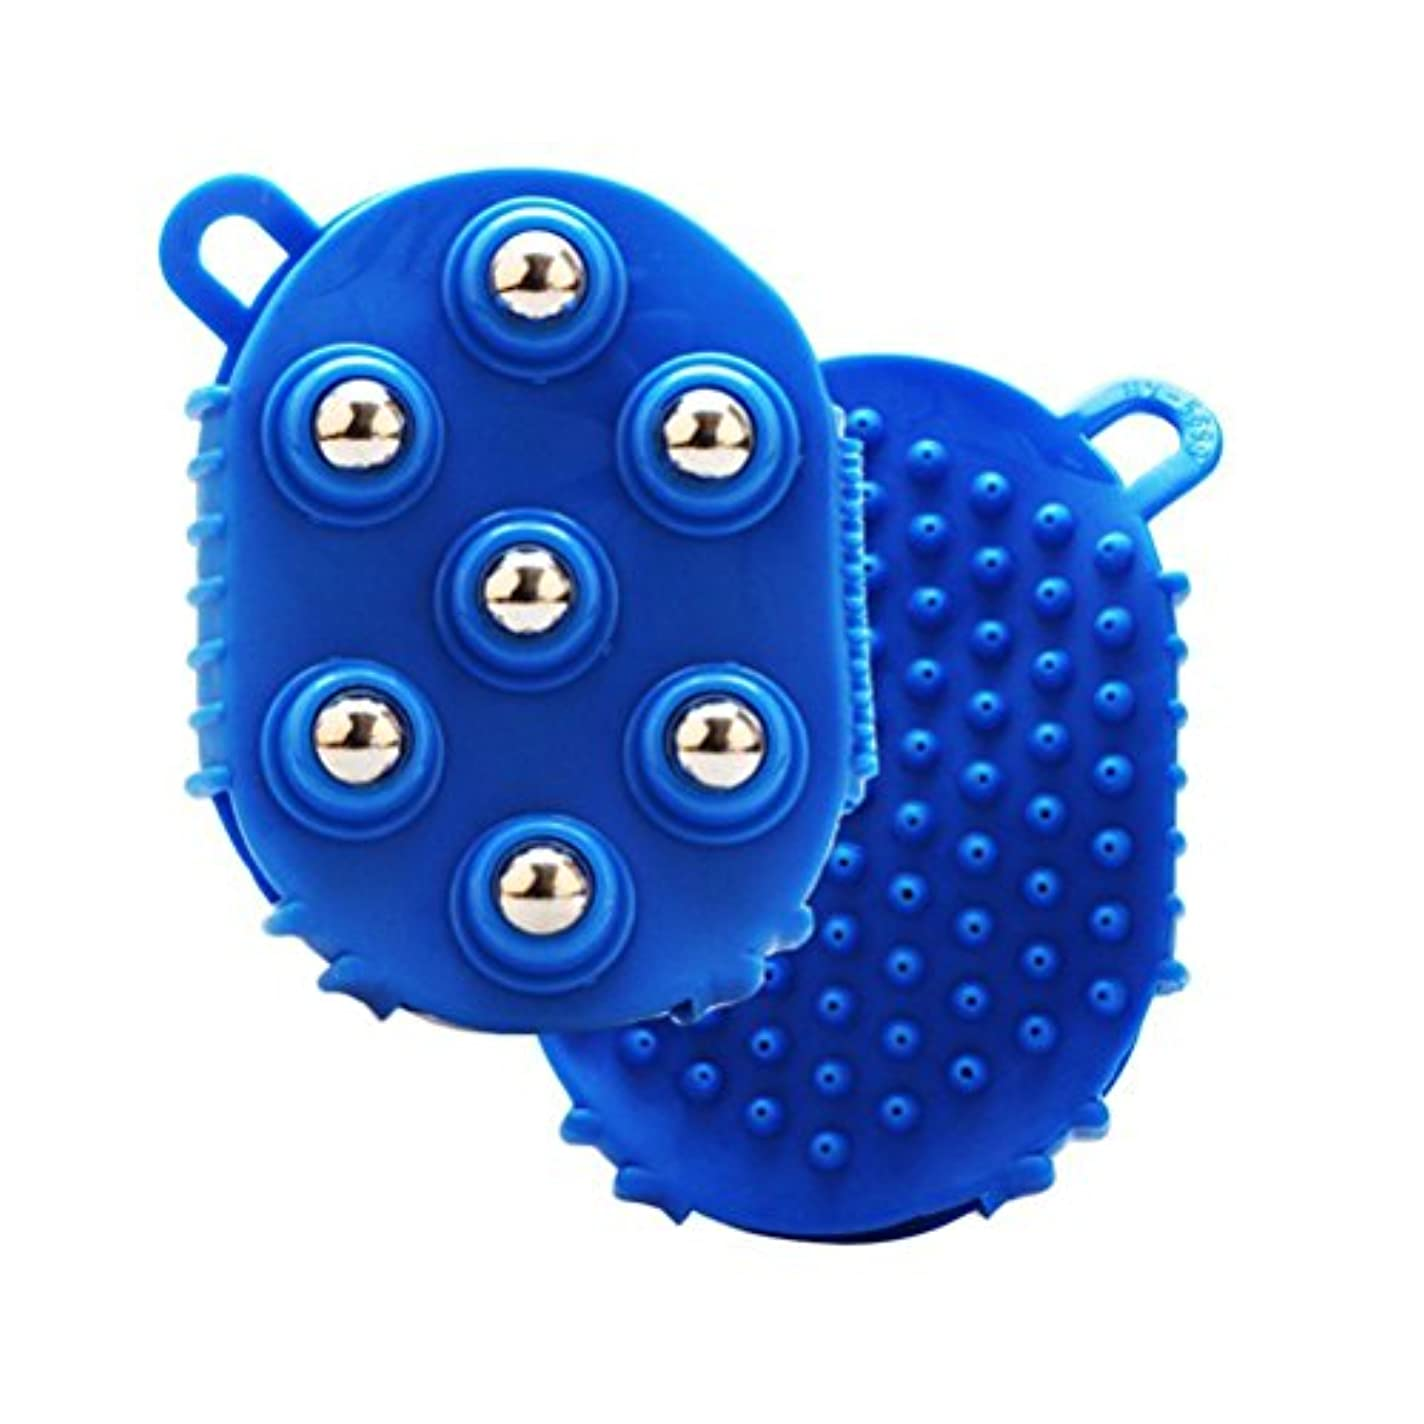 来て告白する衣装HEALLILY 手のひら型マッサージグローブマッサージバスブラシ7本付きメタルローラーボールハンドヘルドボディマッサージ用痛み筋肉筋肉痛セルライト(青)